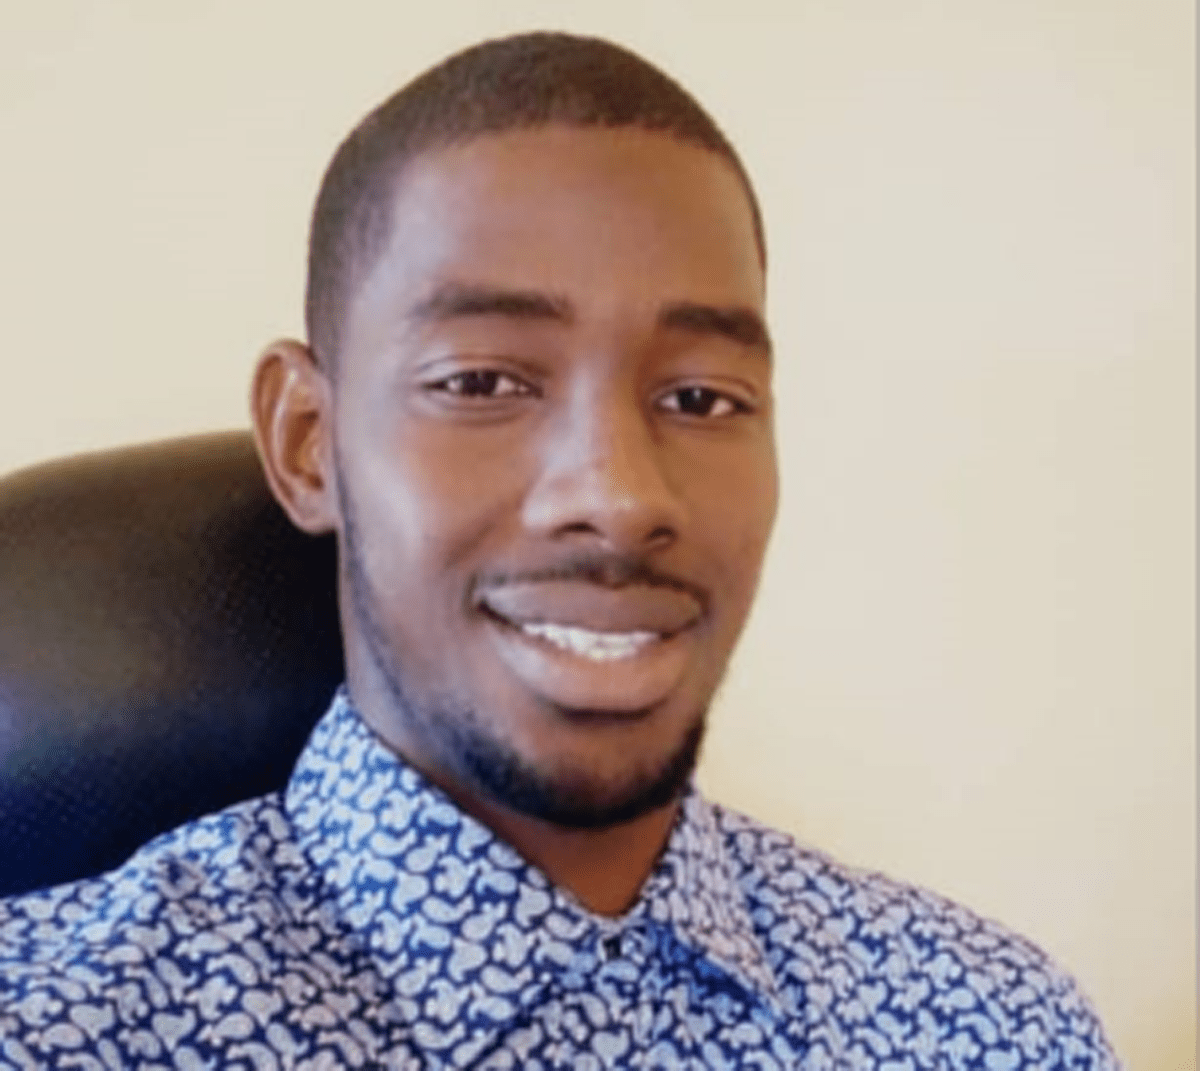 L'emploi des jeunes au Sénégal : Que faire?